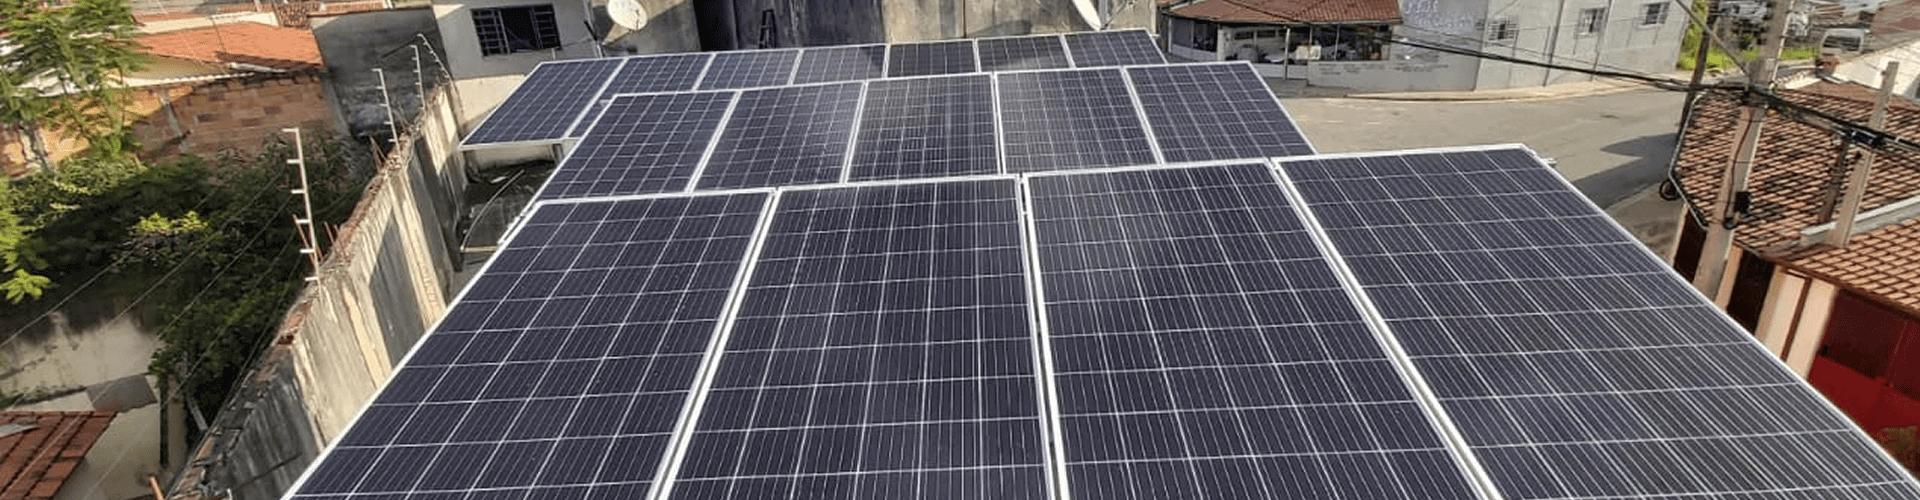 Profissional Instalação de Energia Solar